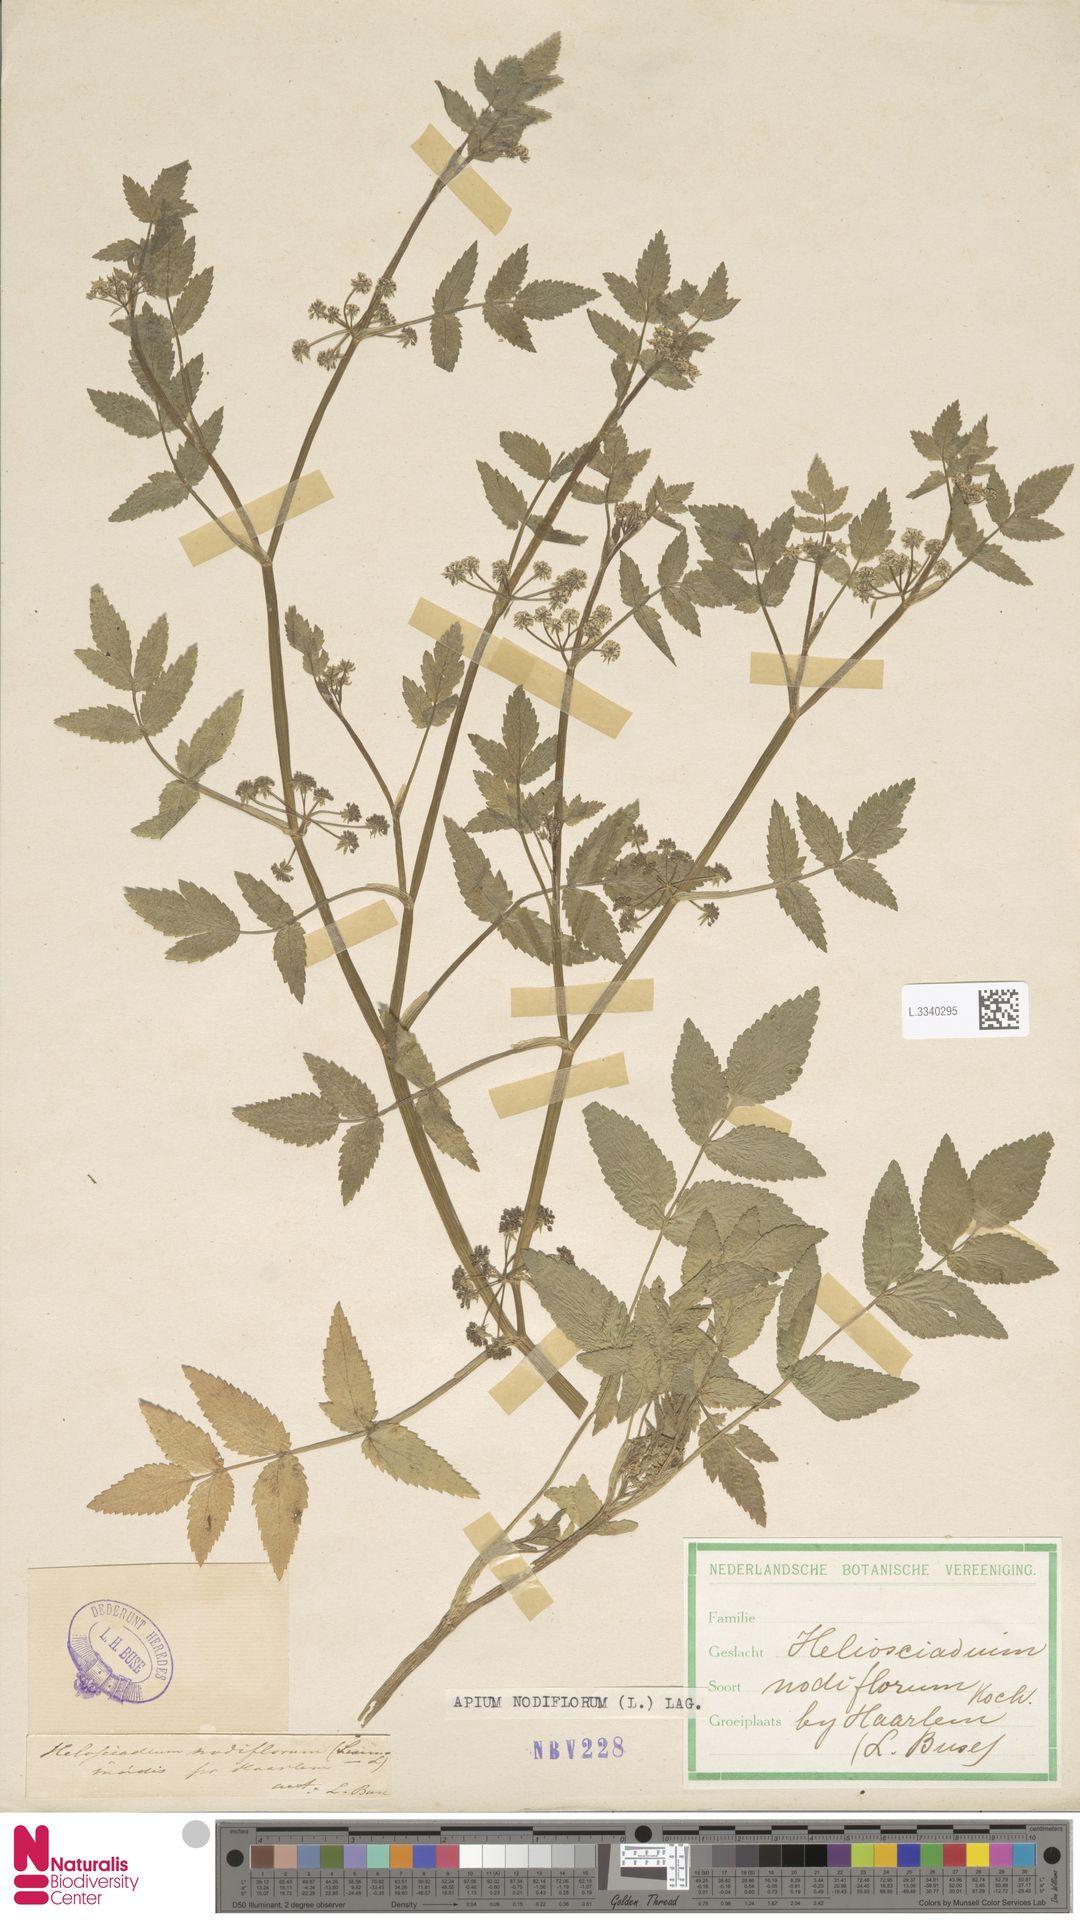 L.3340295 | Apium nodiflorum (L.) Lag.